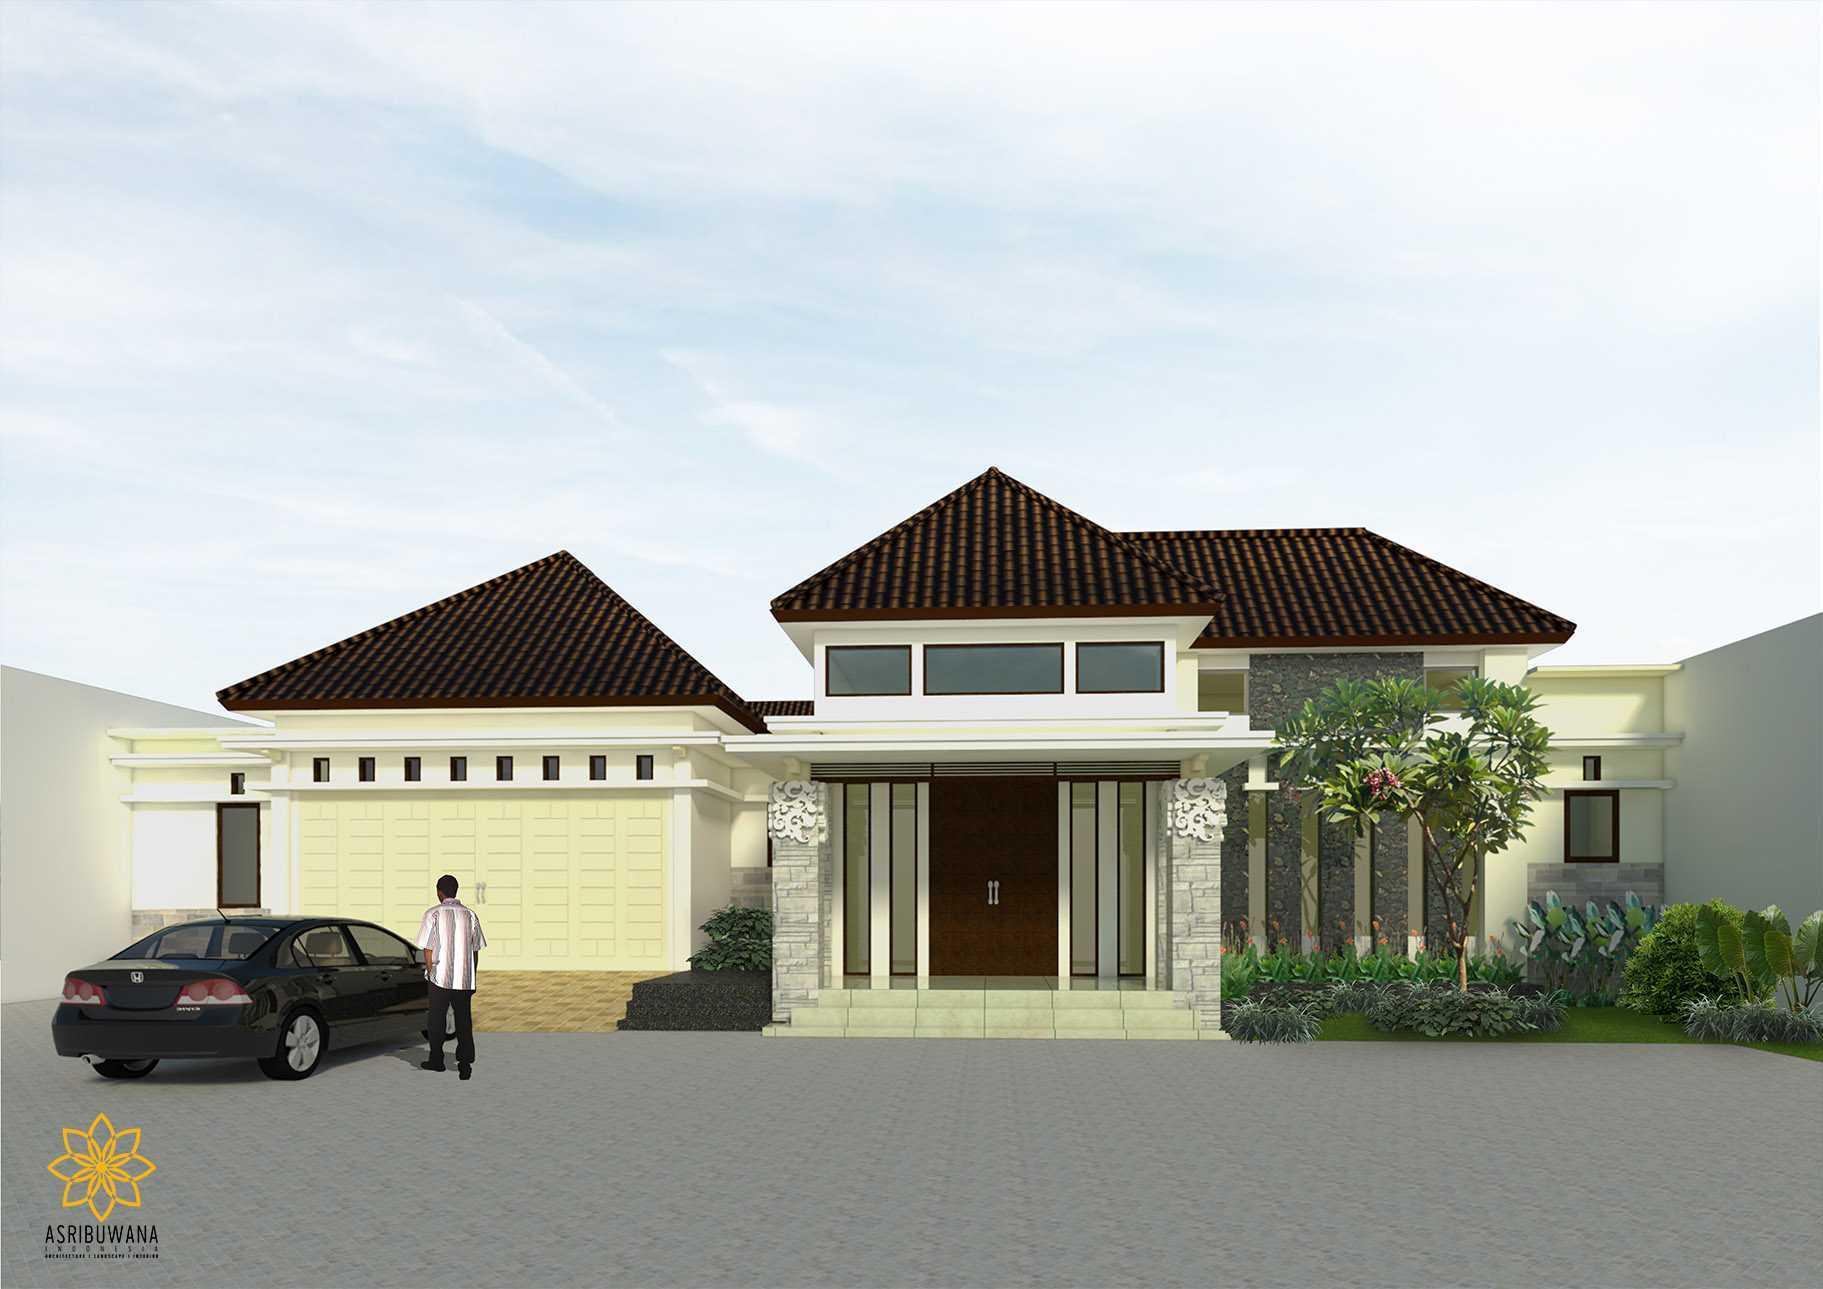 Asribuwana Indonesia Rumah Tinggal Bapak Agus Kediri, Jawa Timur, Indonesia Kediri, Jawa Timur, Indonesia Asribuwana-Indonesia-Rumah-Tinggal-Bapak-Agus  77751